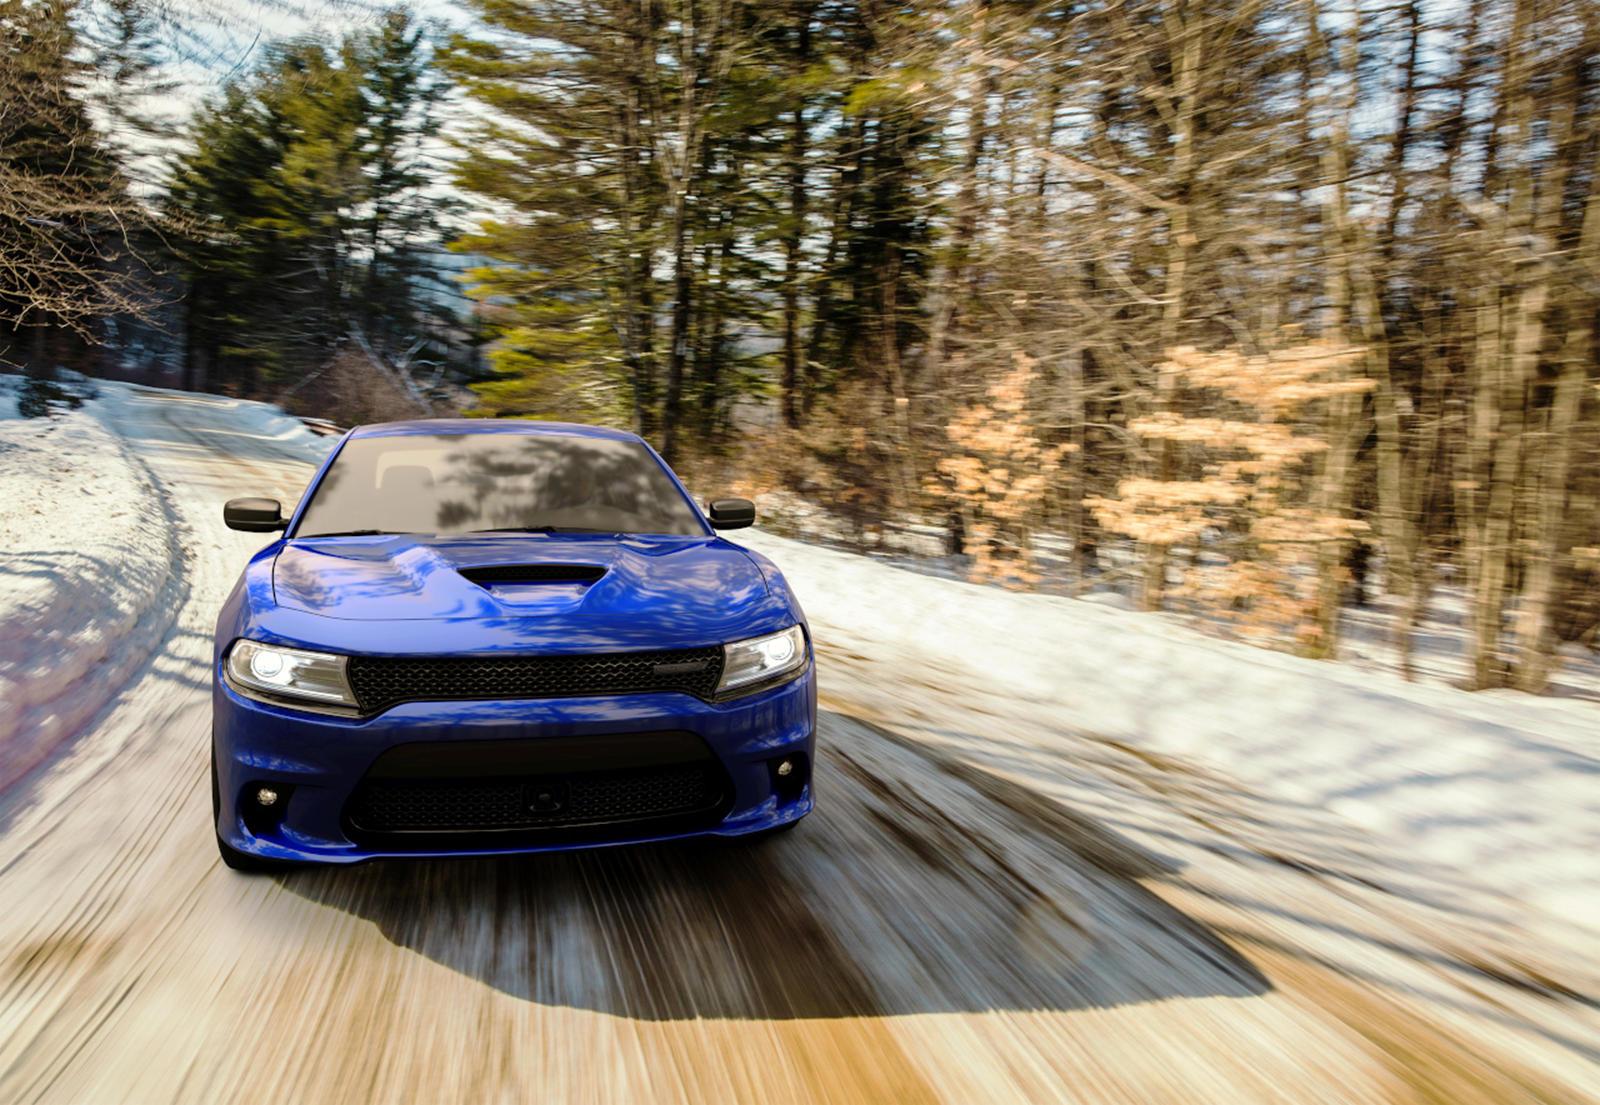 Dodge Charger GT AWD оснащен всесезонными 235 мм шинами, подходящими для круглогодичного использования даже в холодном климате, а пара светодиодных противотуманных фар помогают освещать дорогу в суровых условиях.